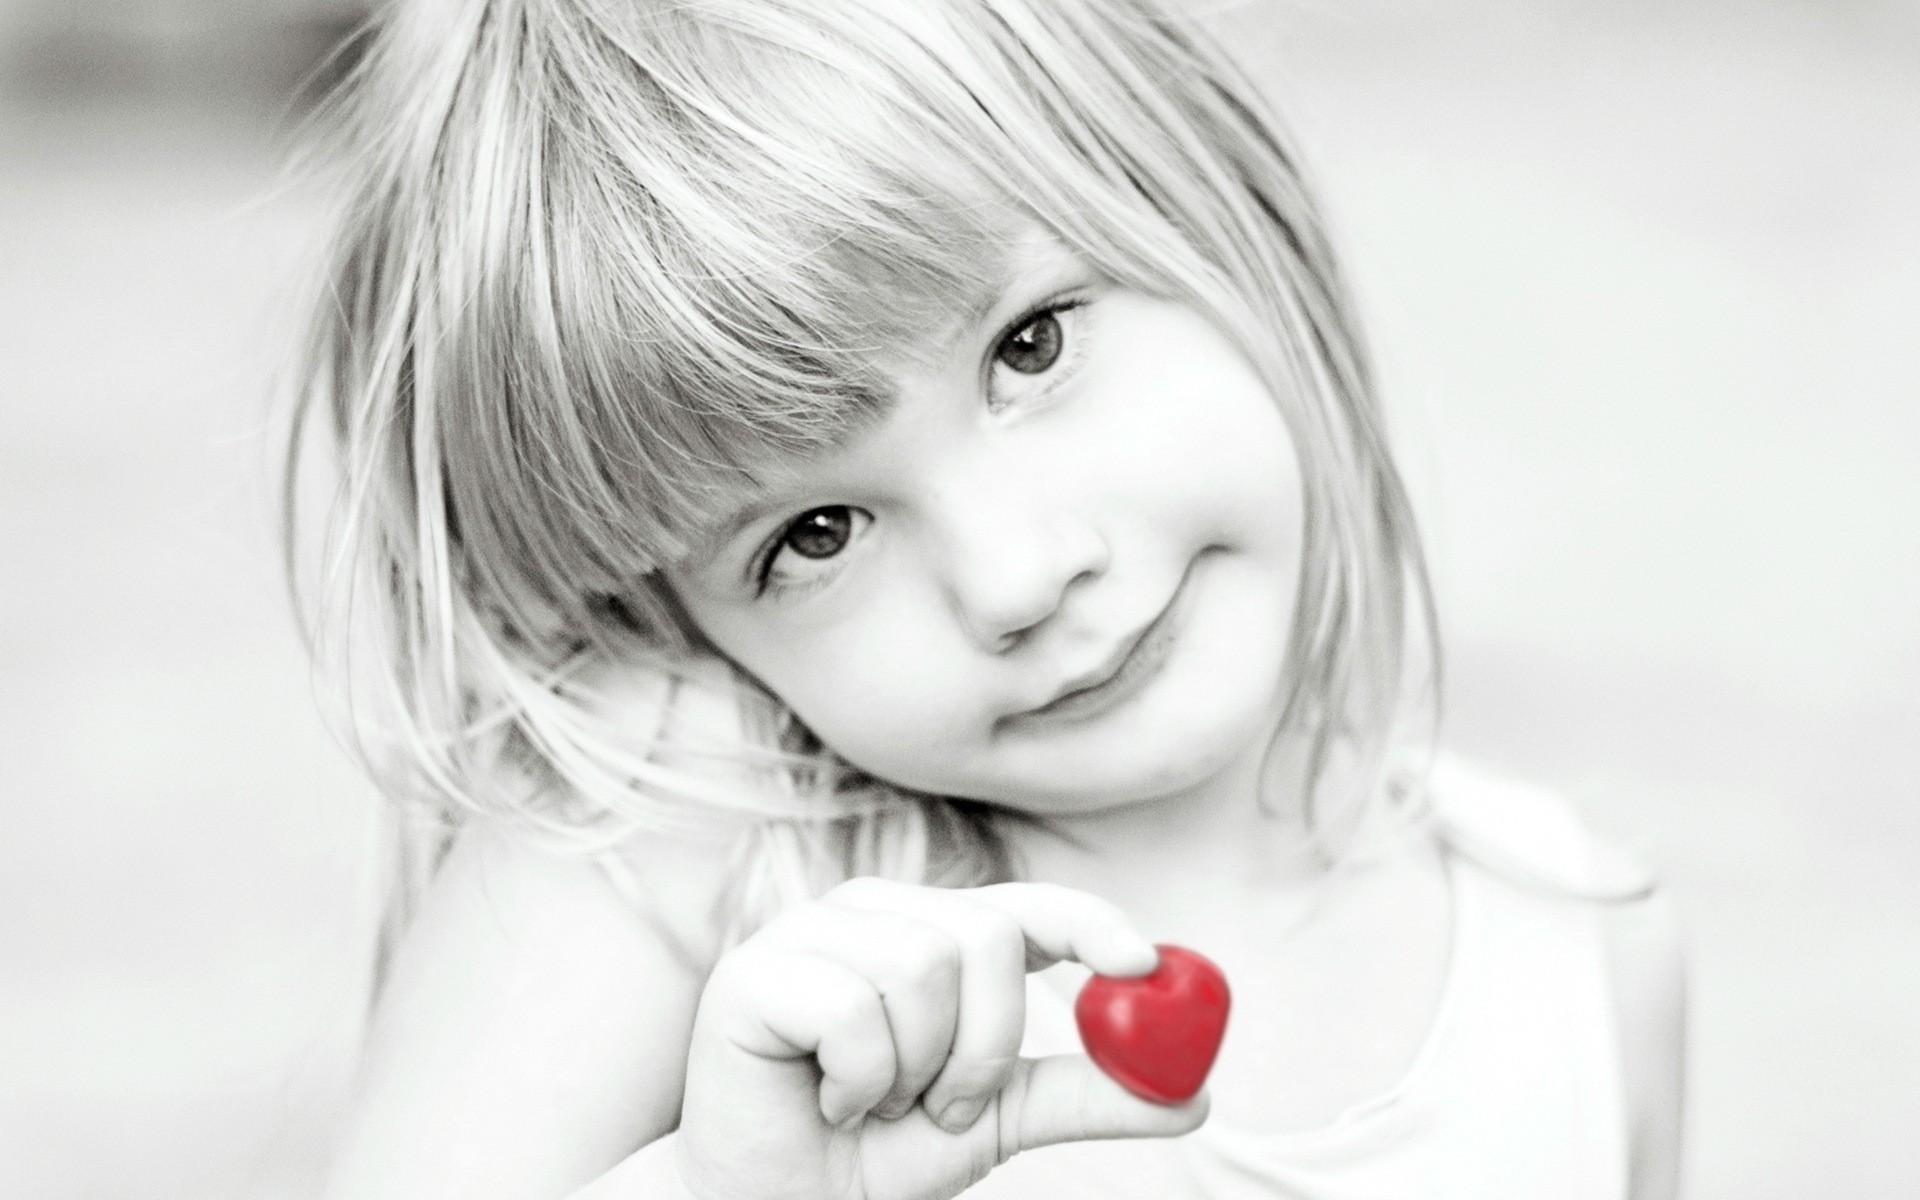 Девочка и воздушный поцелуй картинки